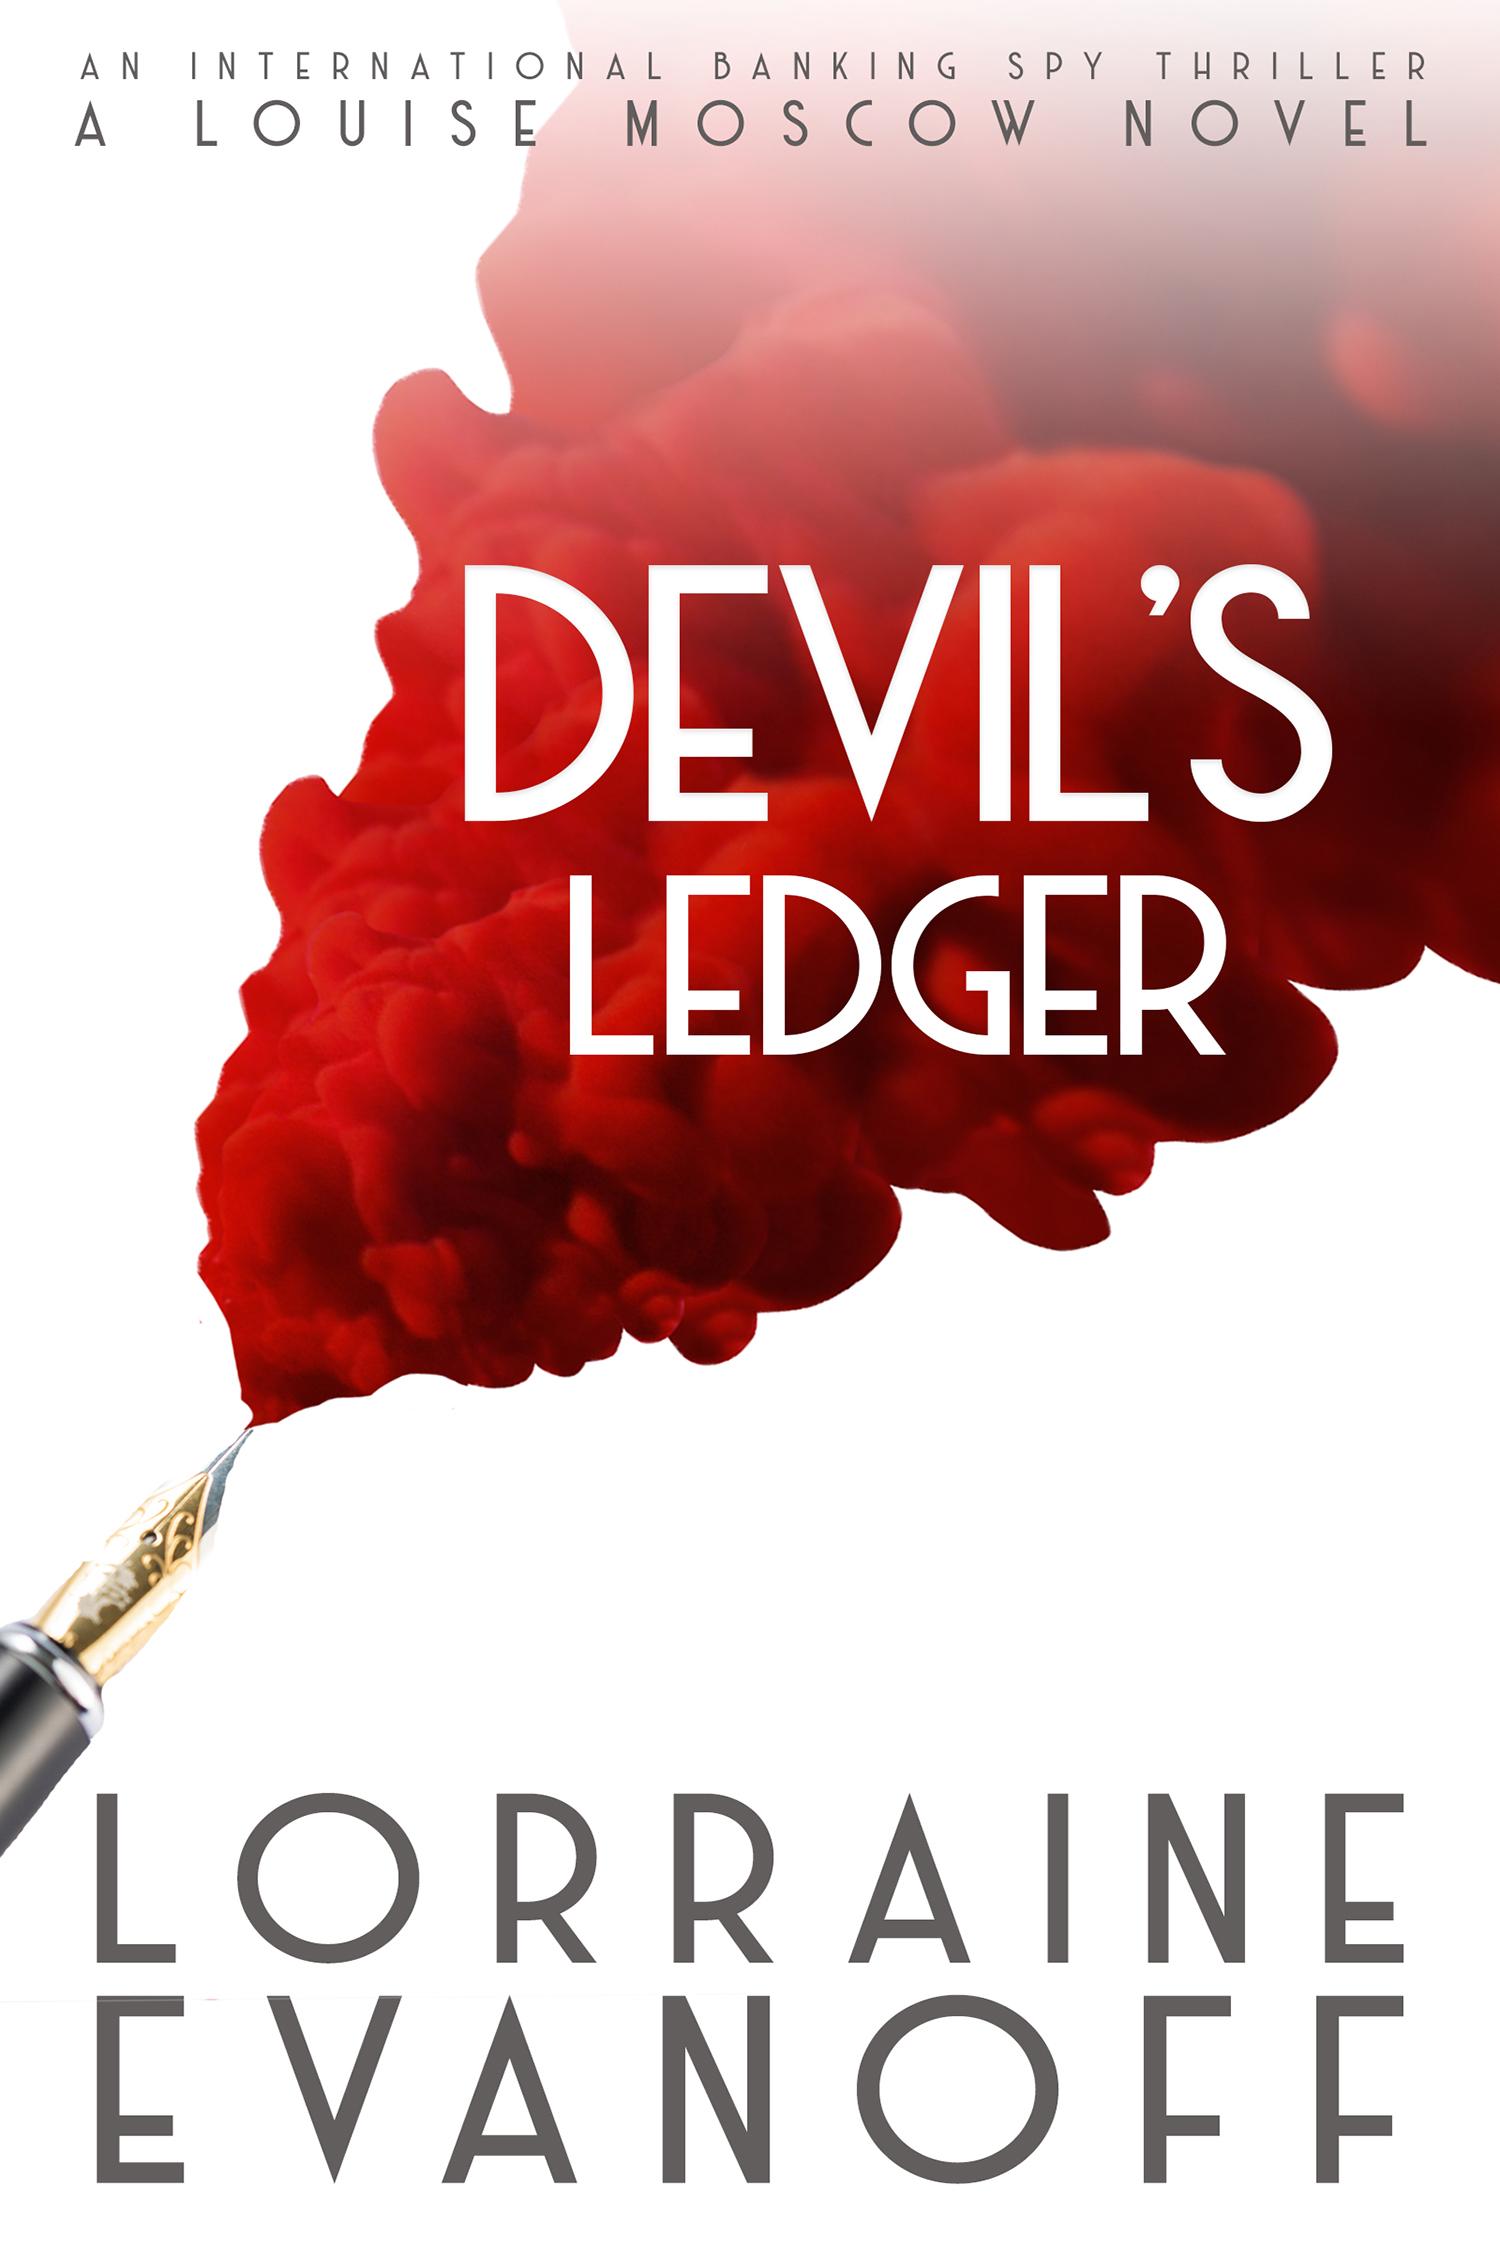 Devil's Ledger